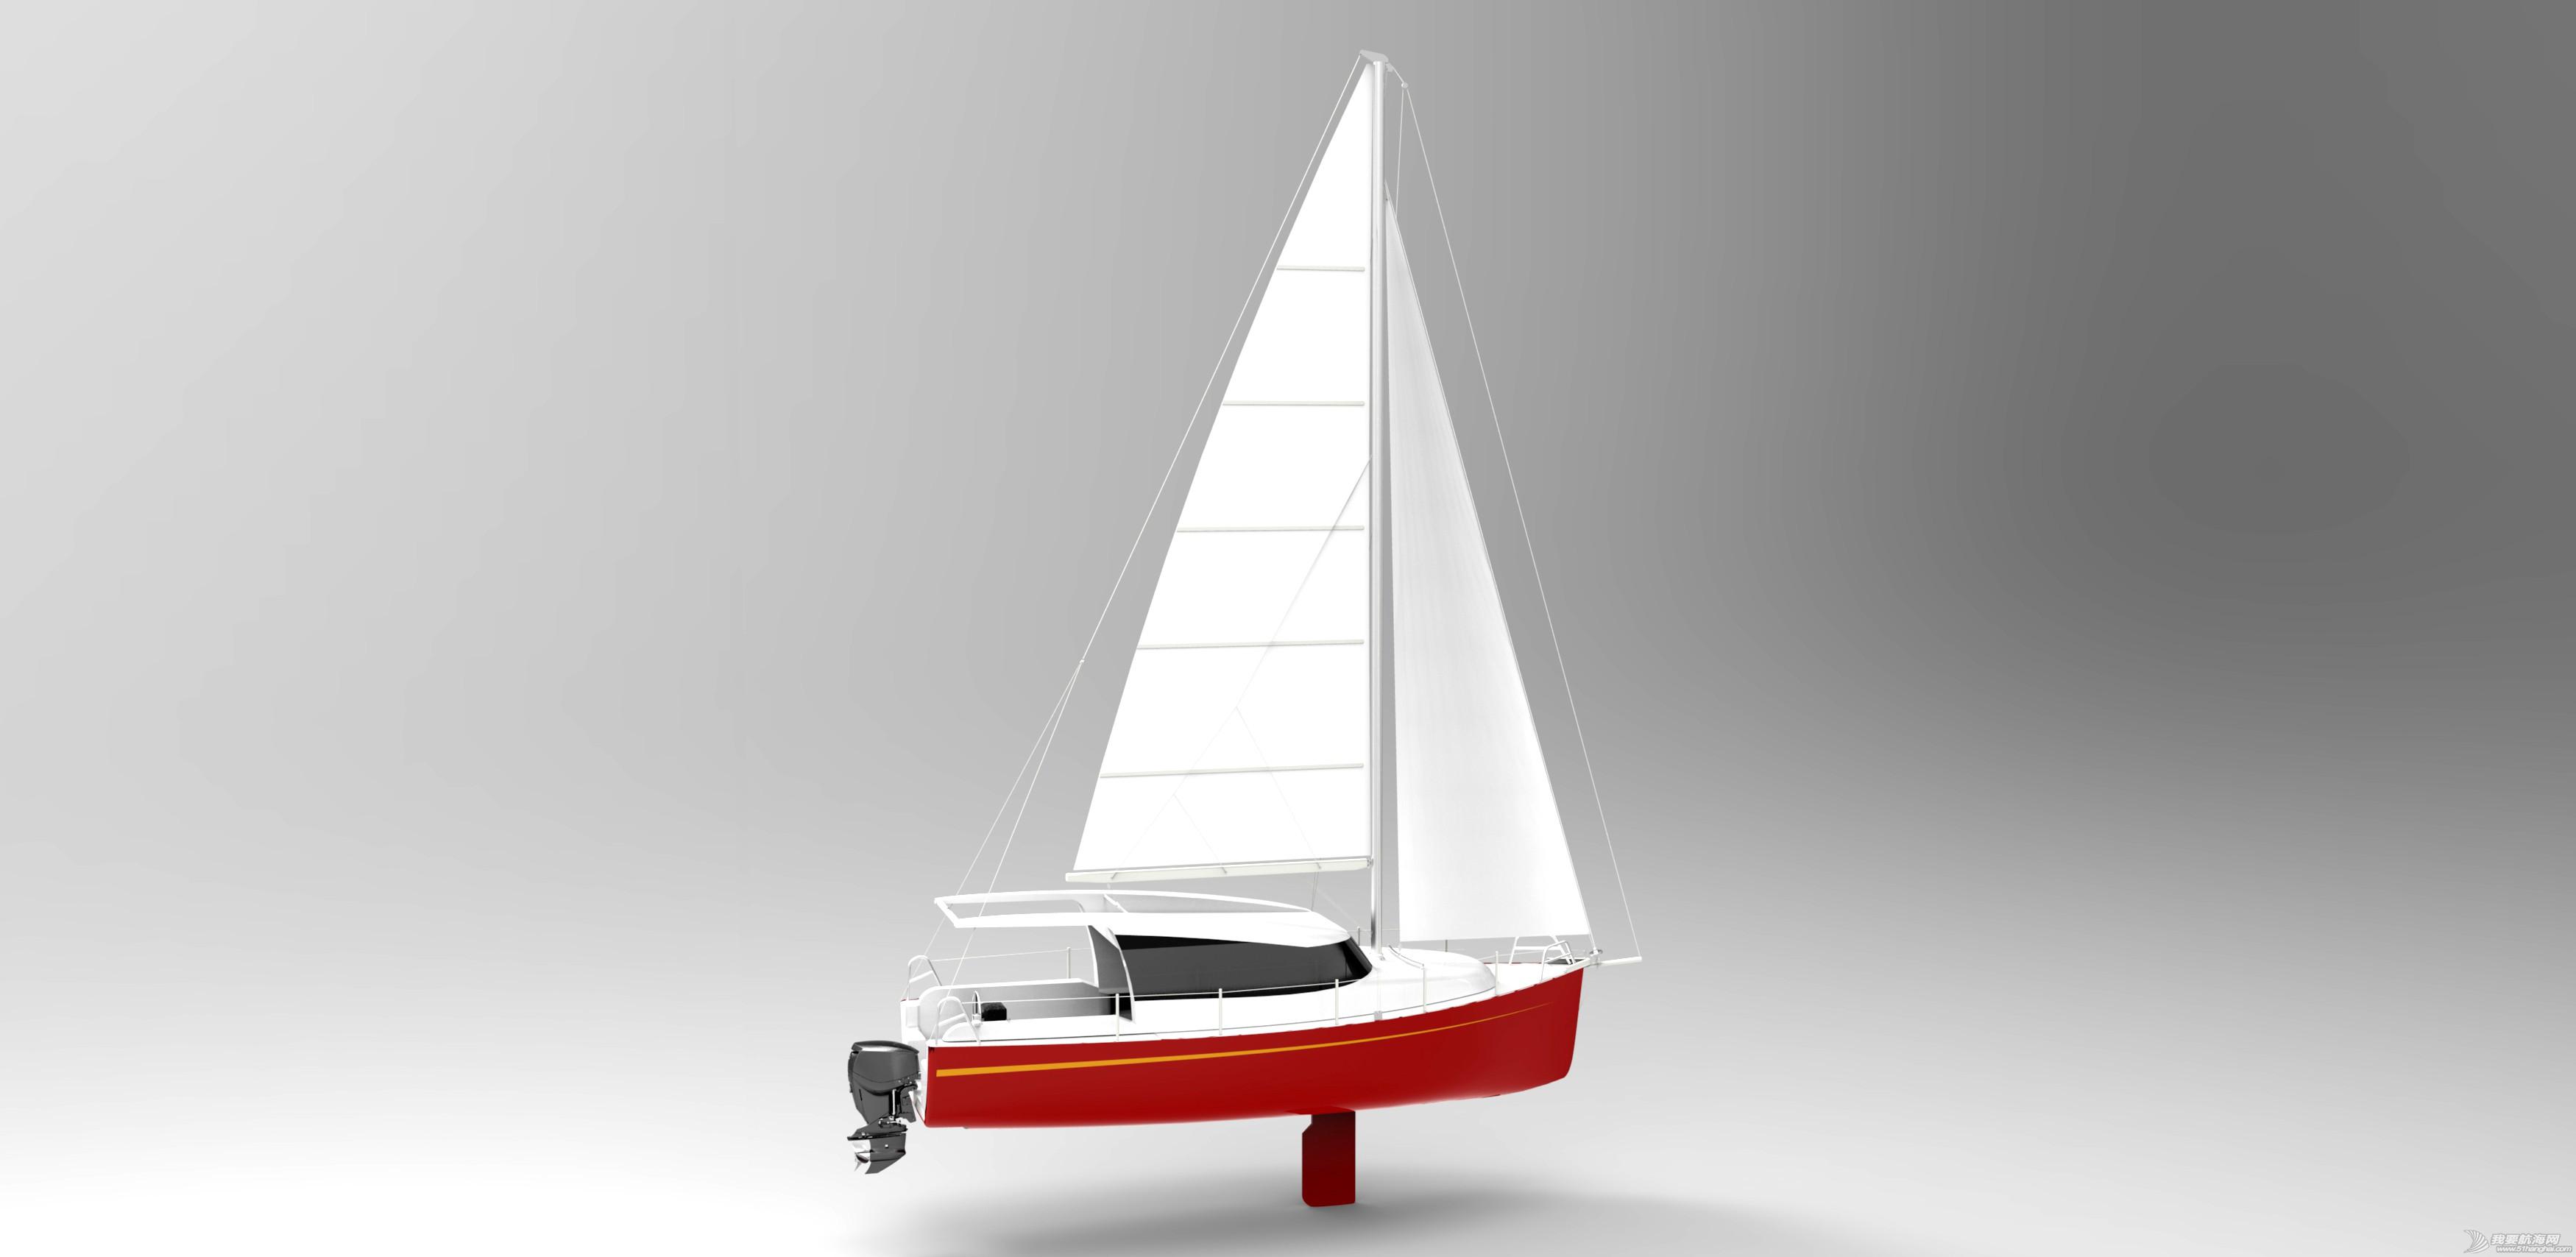 中国,特色,意大利,夏利轿车,竞争对手 PB273入门级动力风帆两用游艇,国内设计,符合中国特色!!